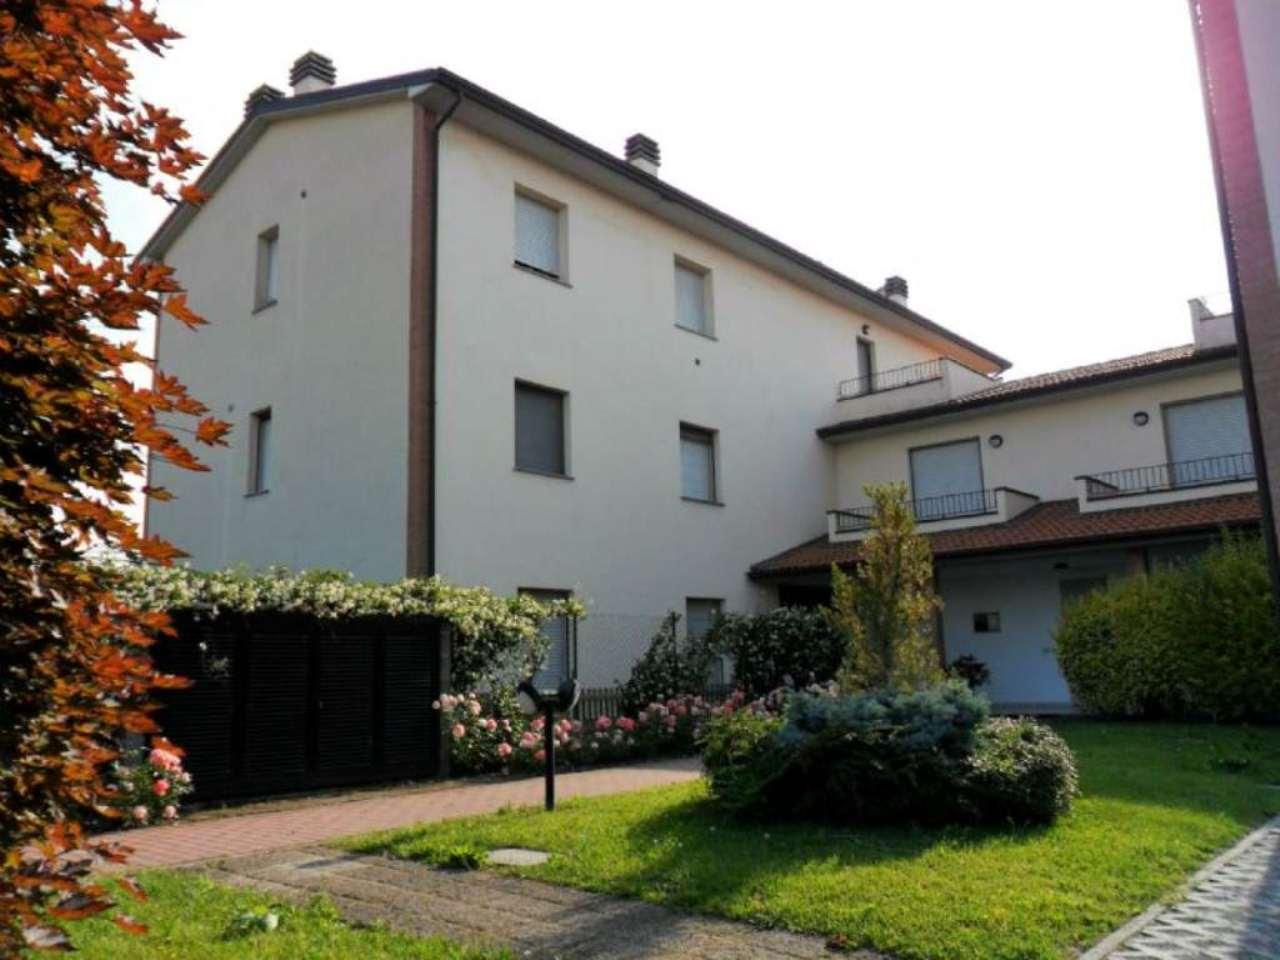 Appartamento in vendita a Fontevivo, 3 locali, prezzo € 135.000 | Cambio Casa.it